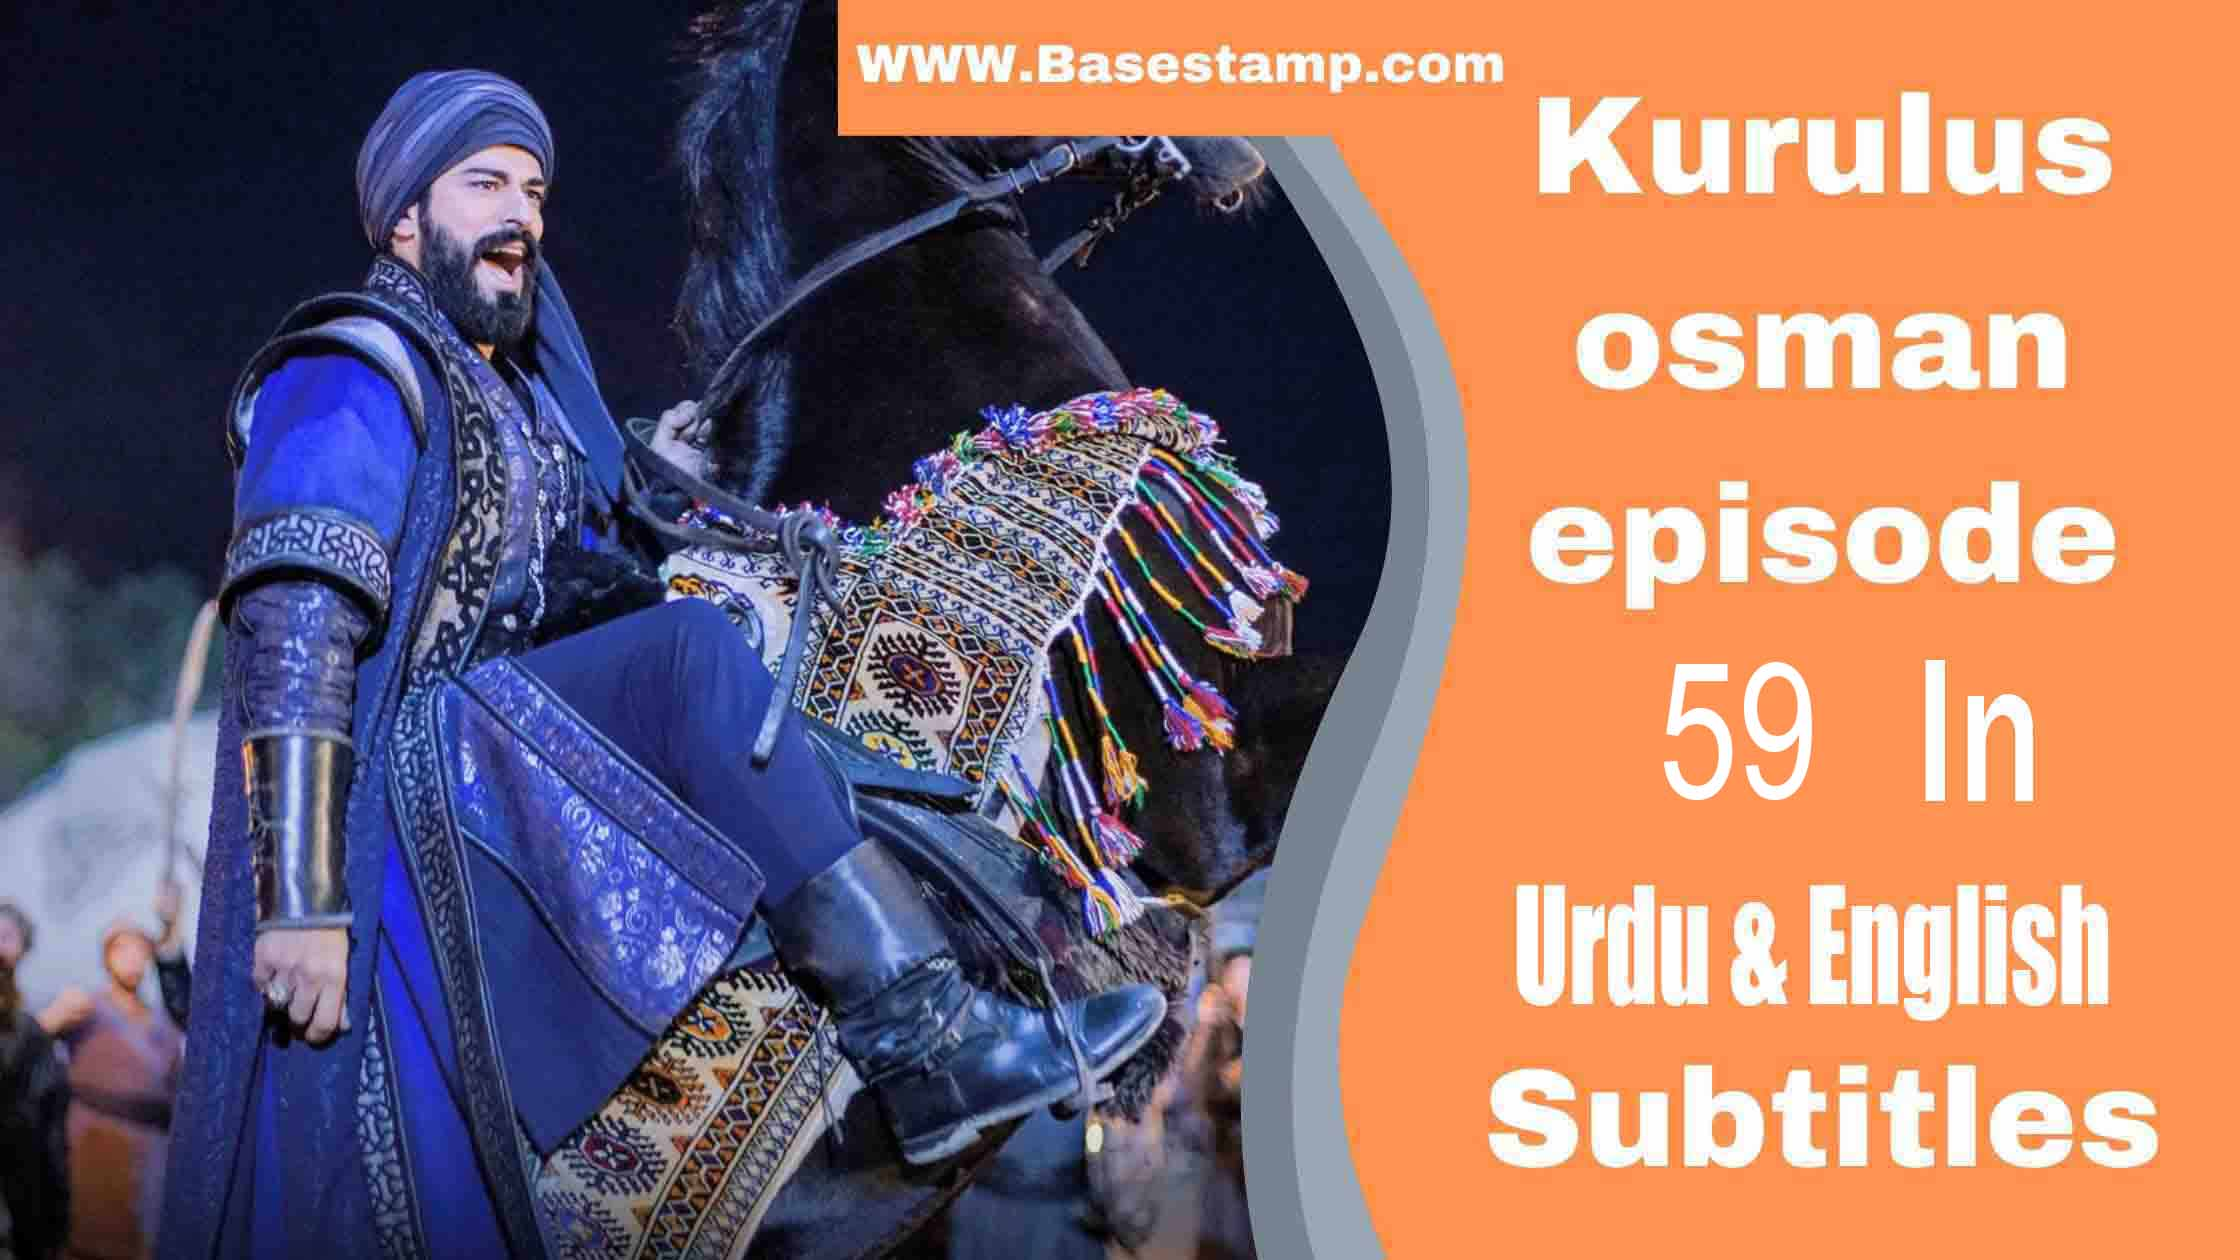 ▷❤️Kurulus Osman Season 2 Episode 59 In Urdu & English Subtitles